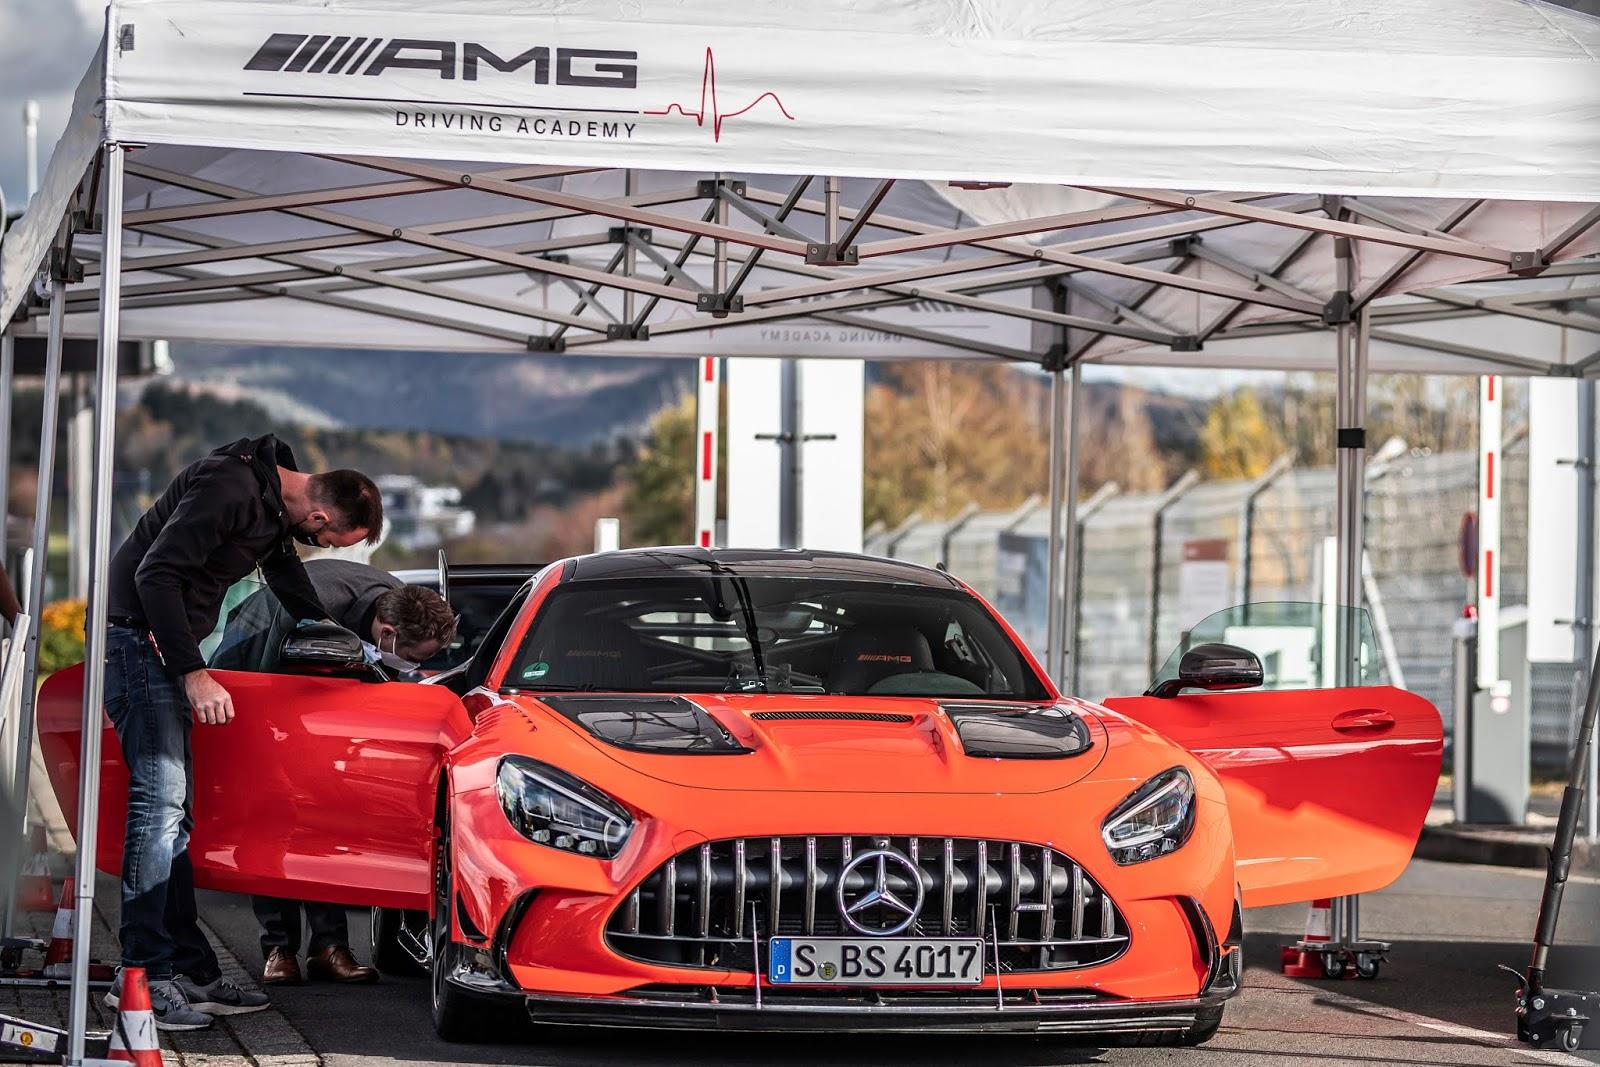 20C0672 009 1 GT Black Series : Η νέα Record Holder του Nurburgring AMG, GT Black Series, Mercedes, Nurburgring, ειδήσεις, Ρεκόρ